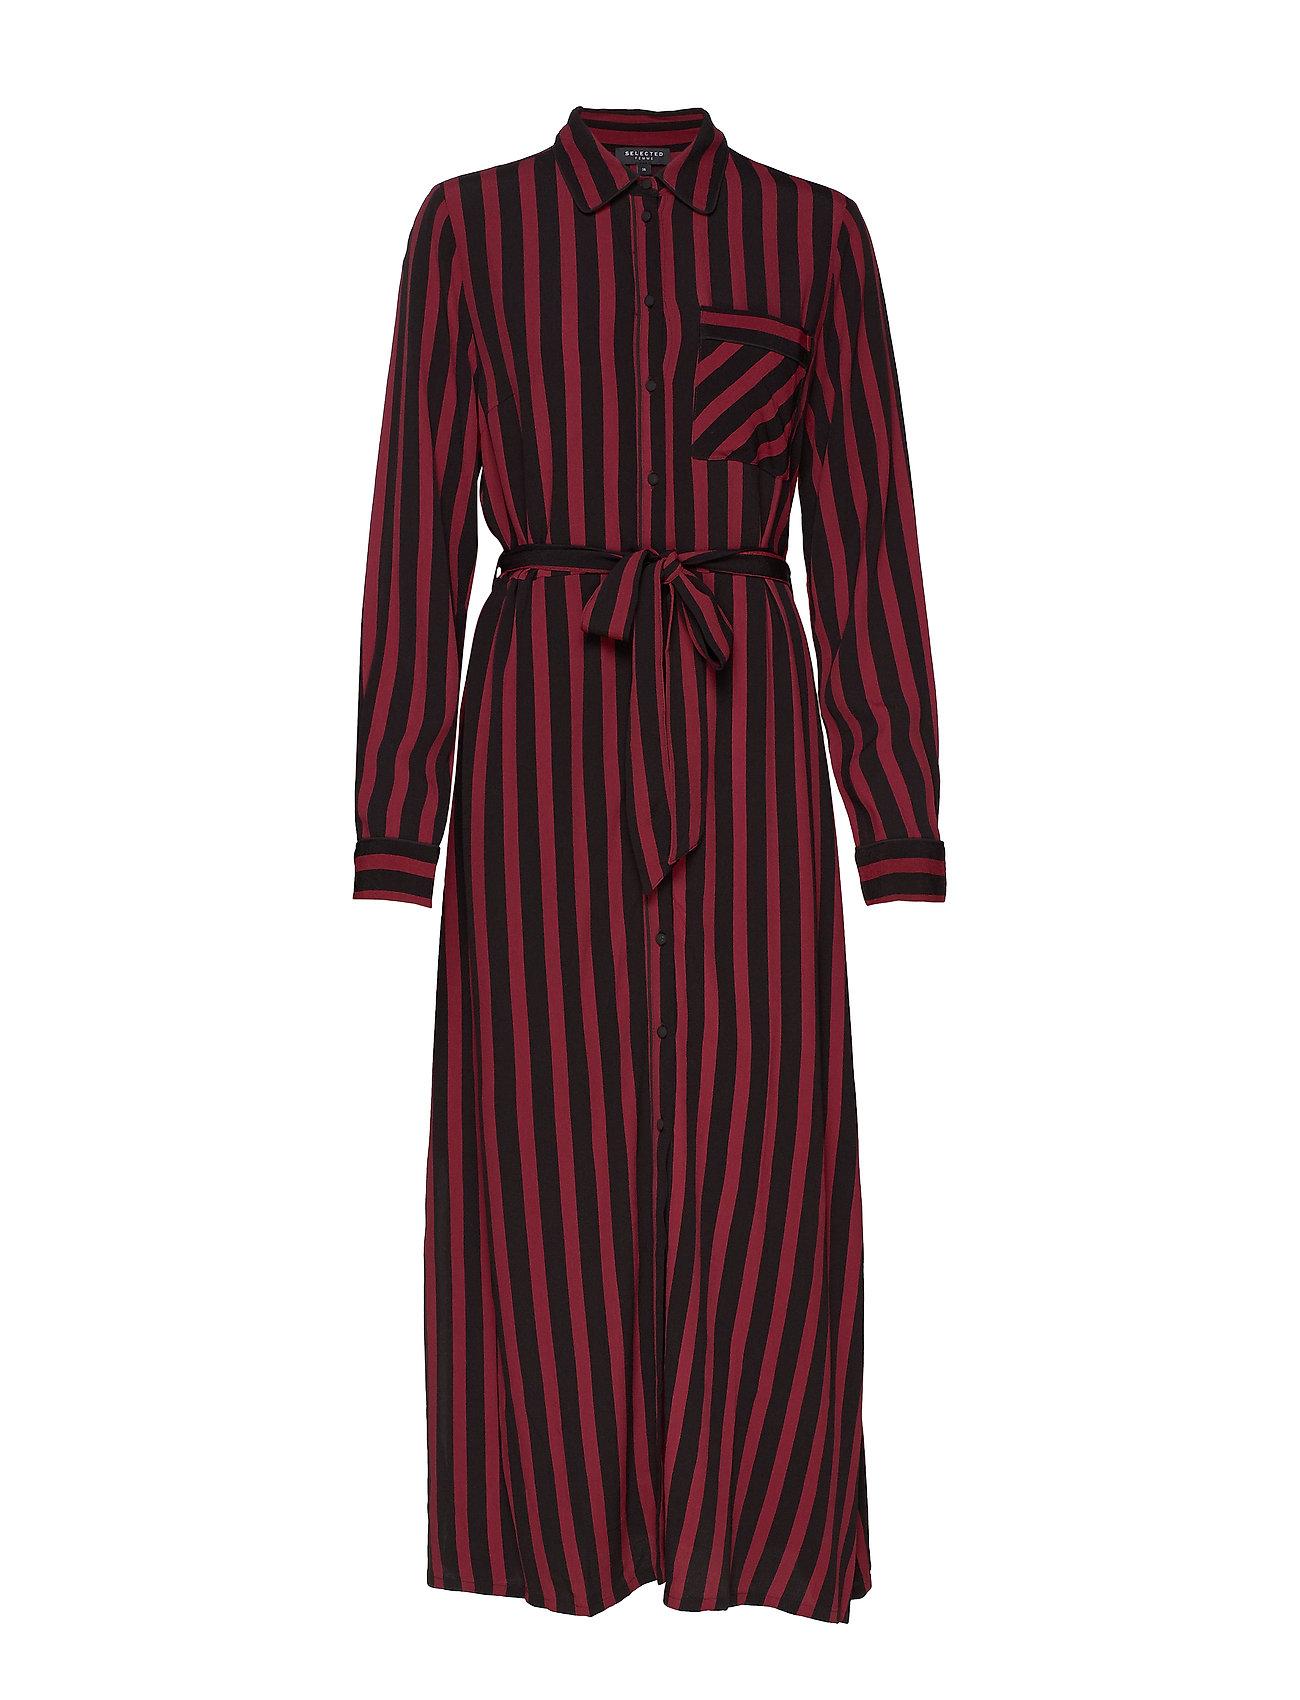 Selected Femme SLFFLORENTA LS AOP ANKLE SHIRT DRESS - BLACK